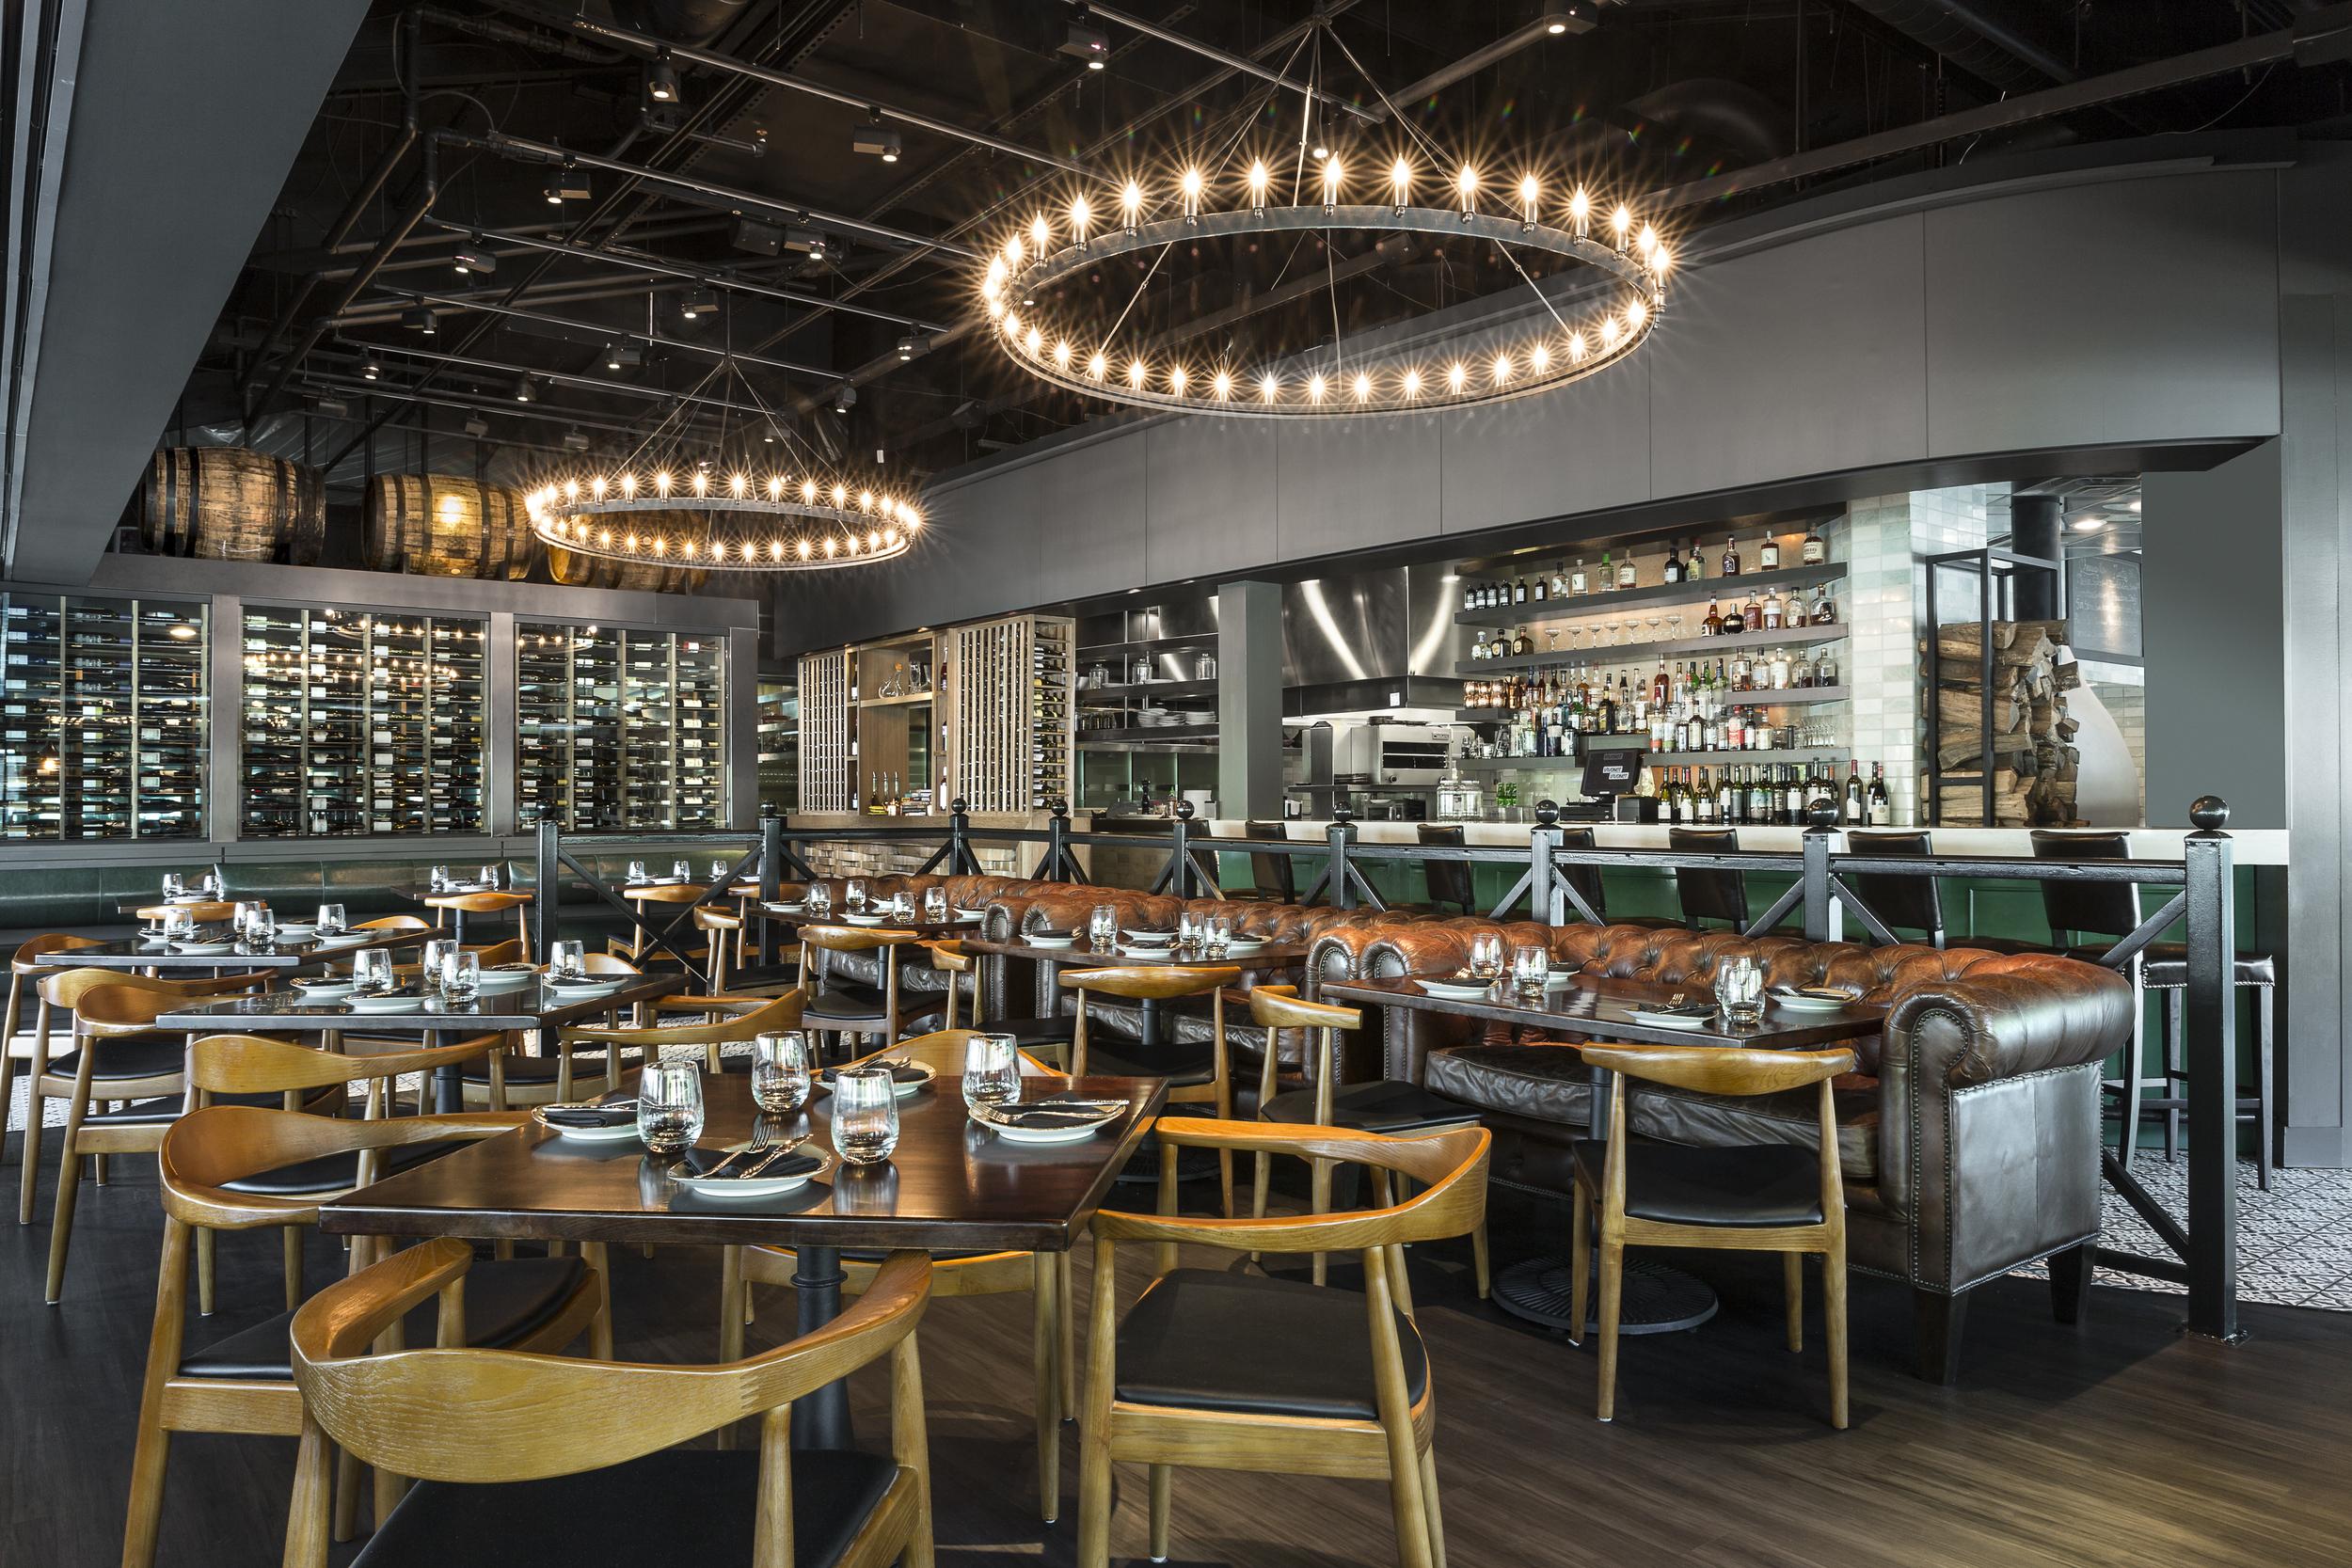 Under the Cork Tree Restaurant in Atlanta, GA for Red Door Design Studio